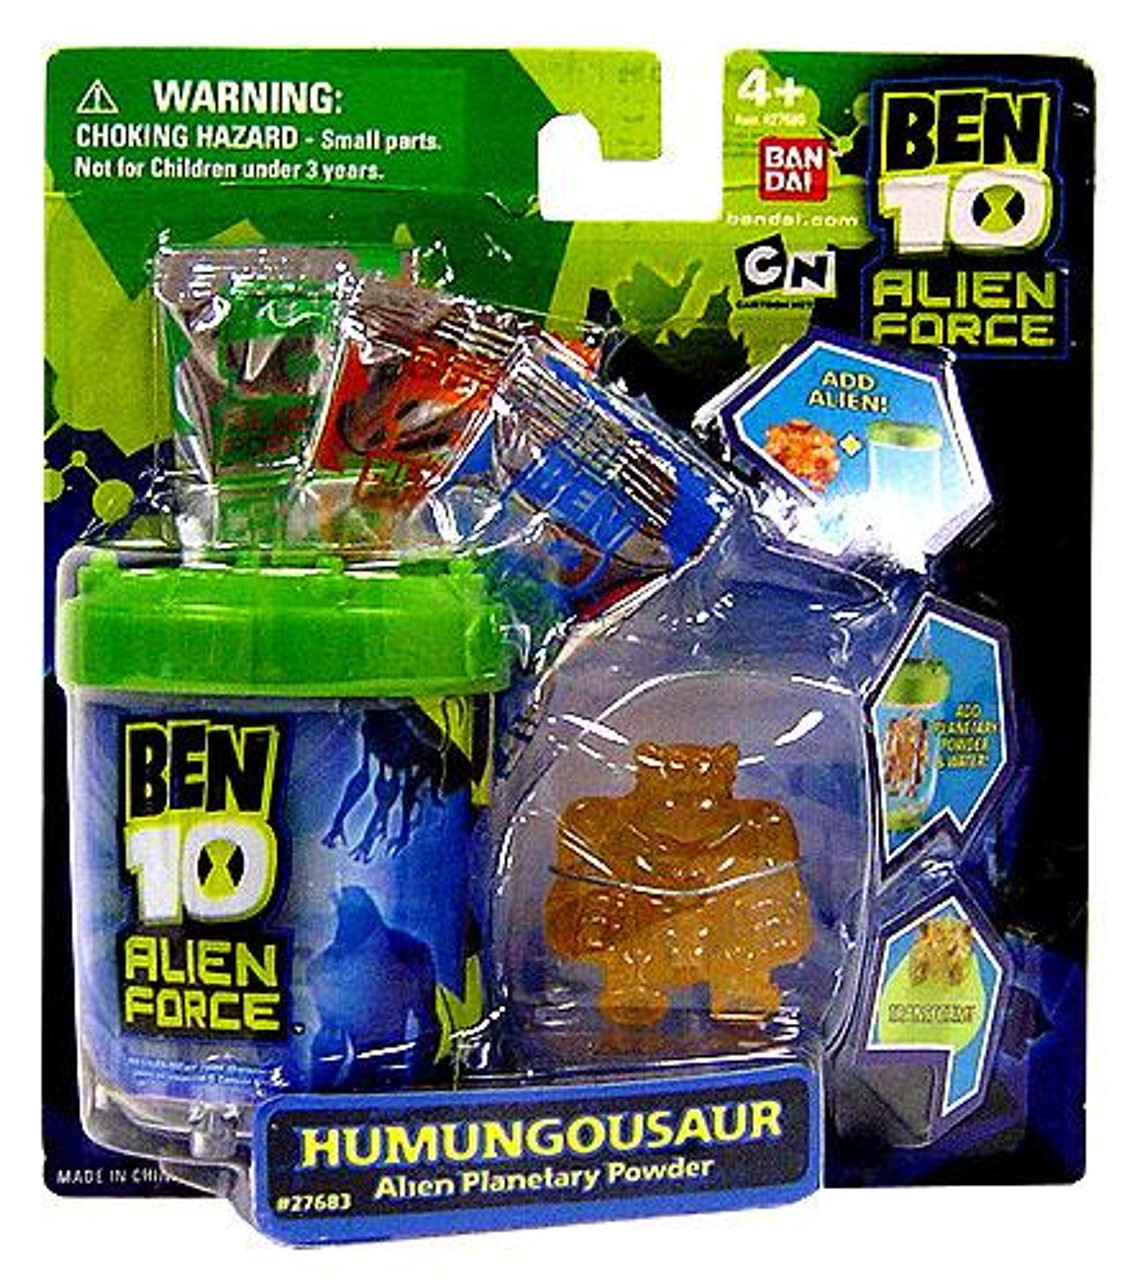 Ben 10 Alien Force Series 2 Keychain Humungousaur